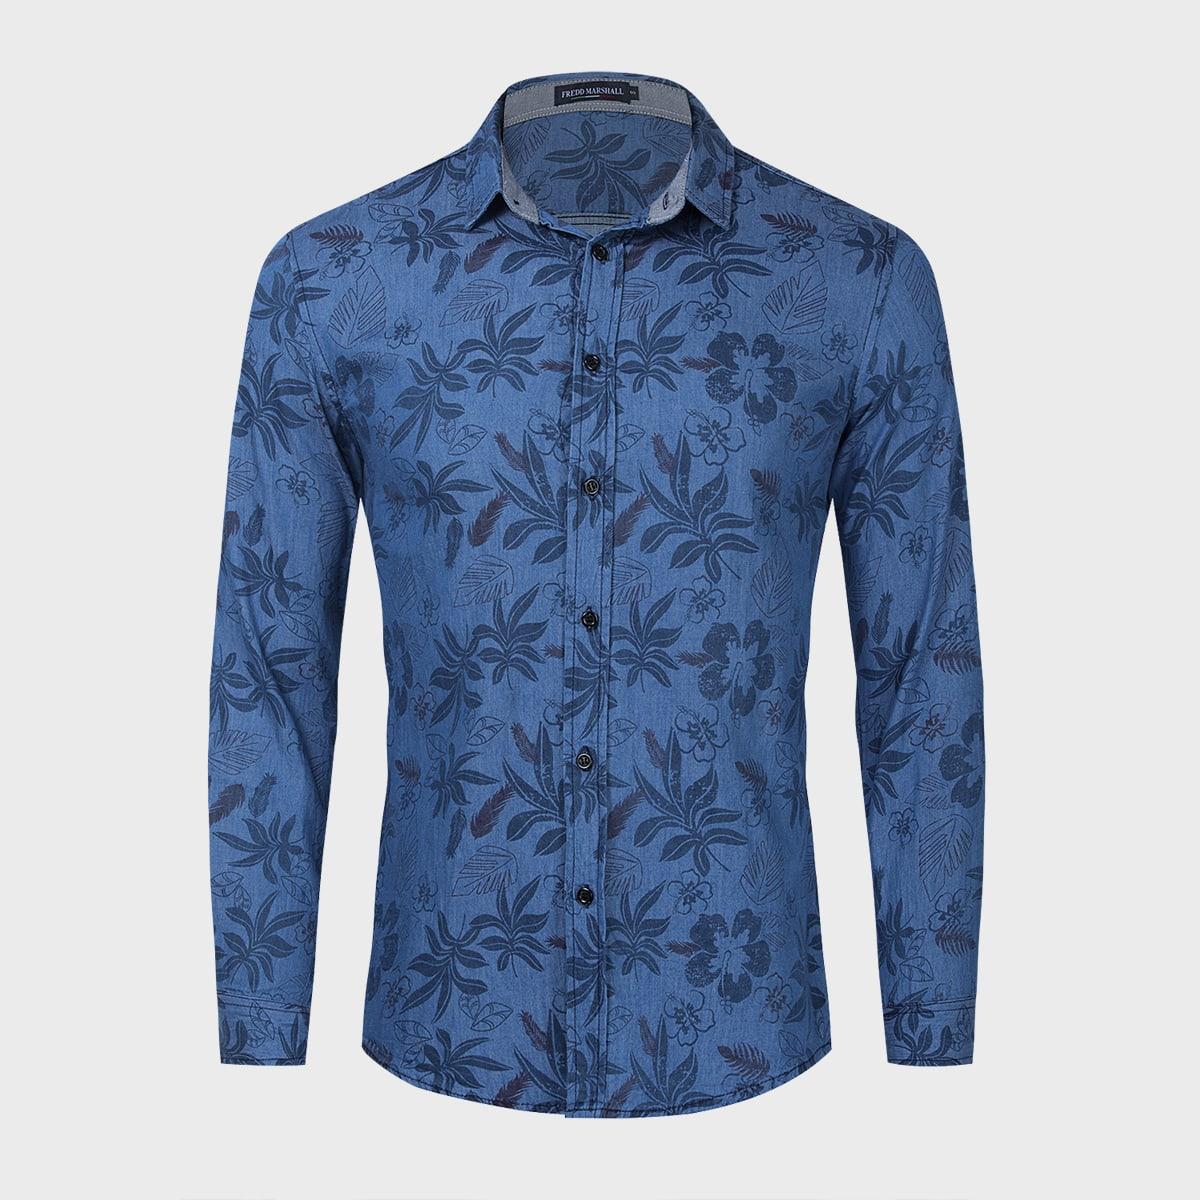 Мужская джинсовая рубашка на пуговицах с лиственным принтом